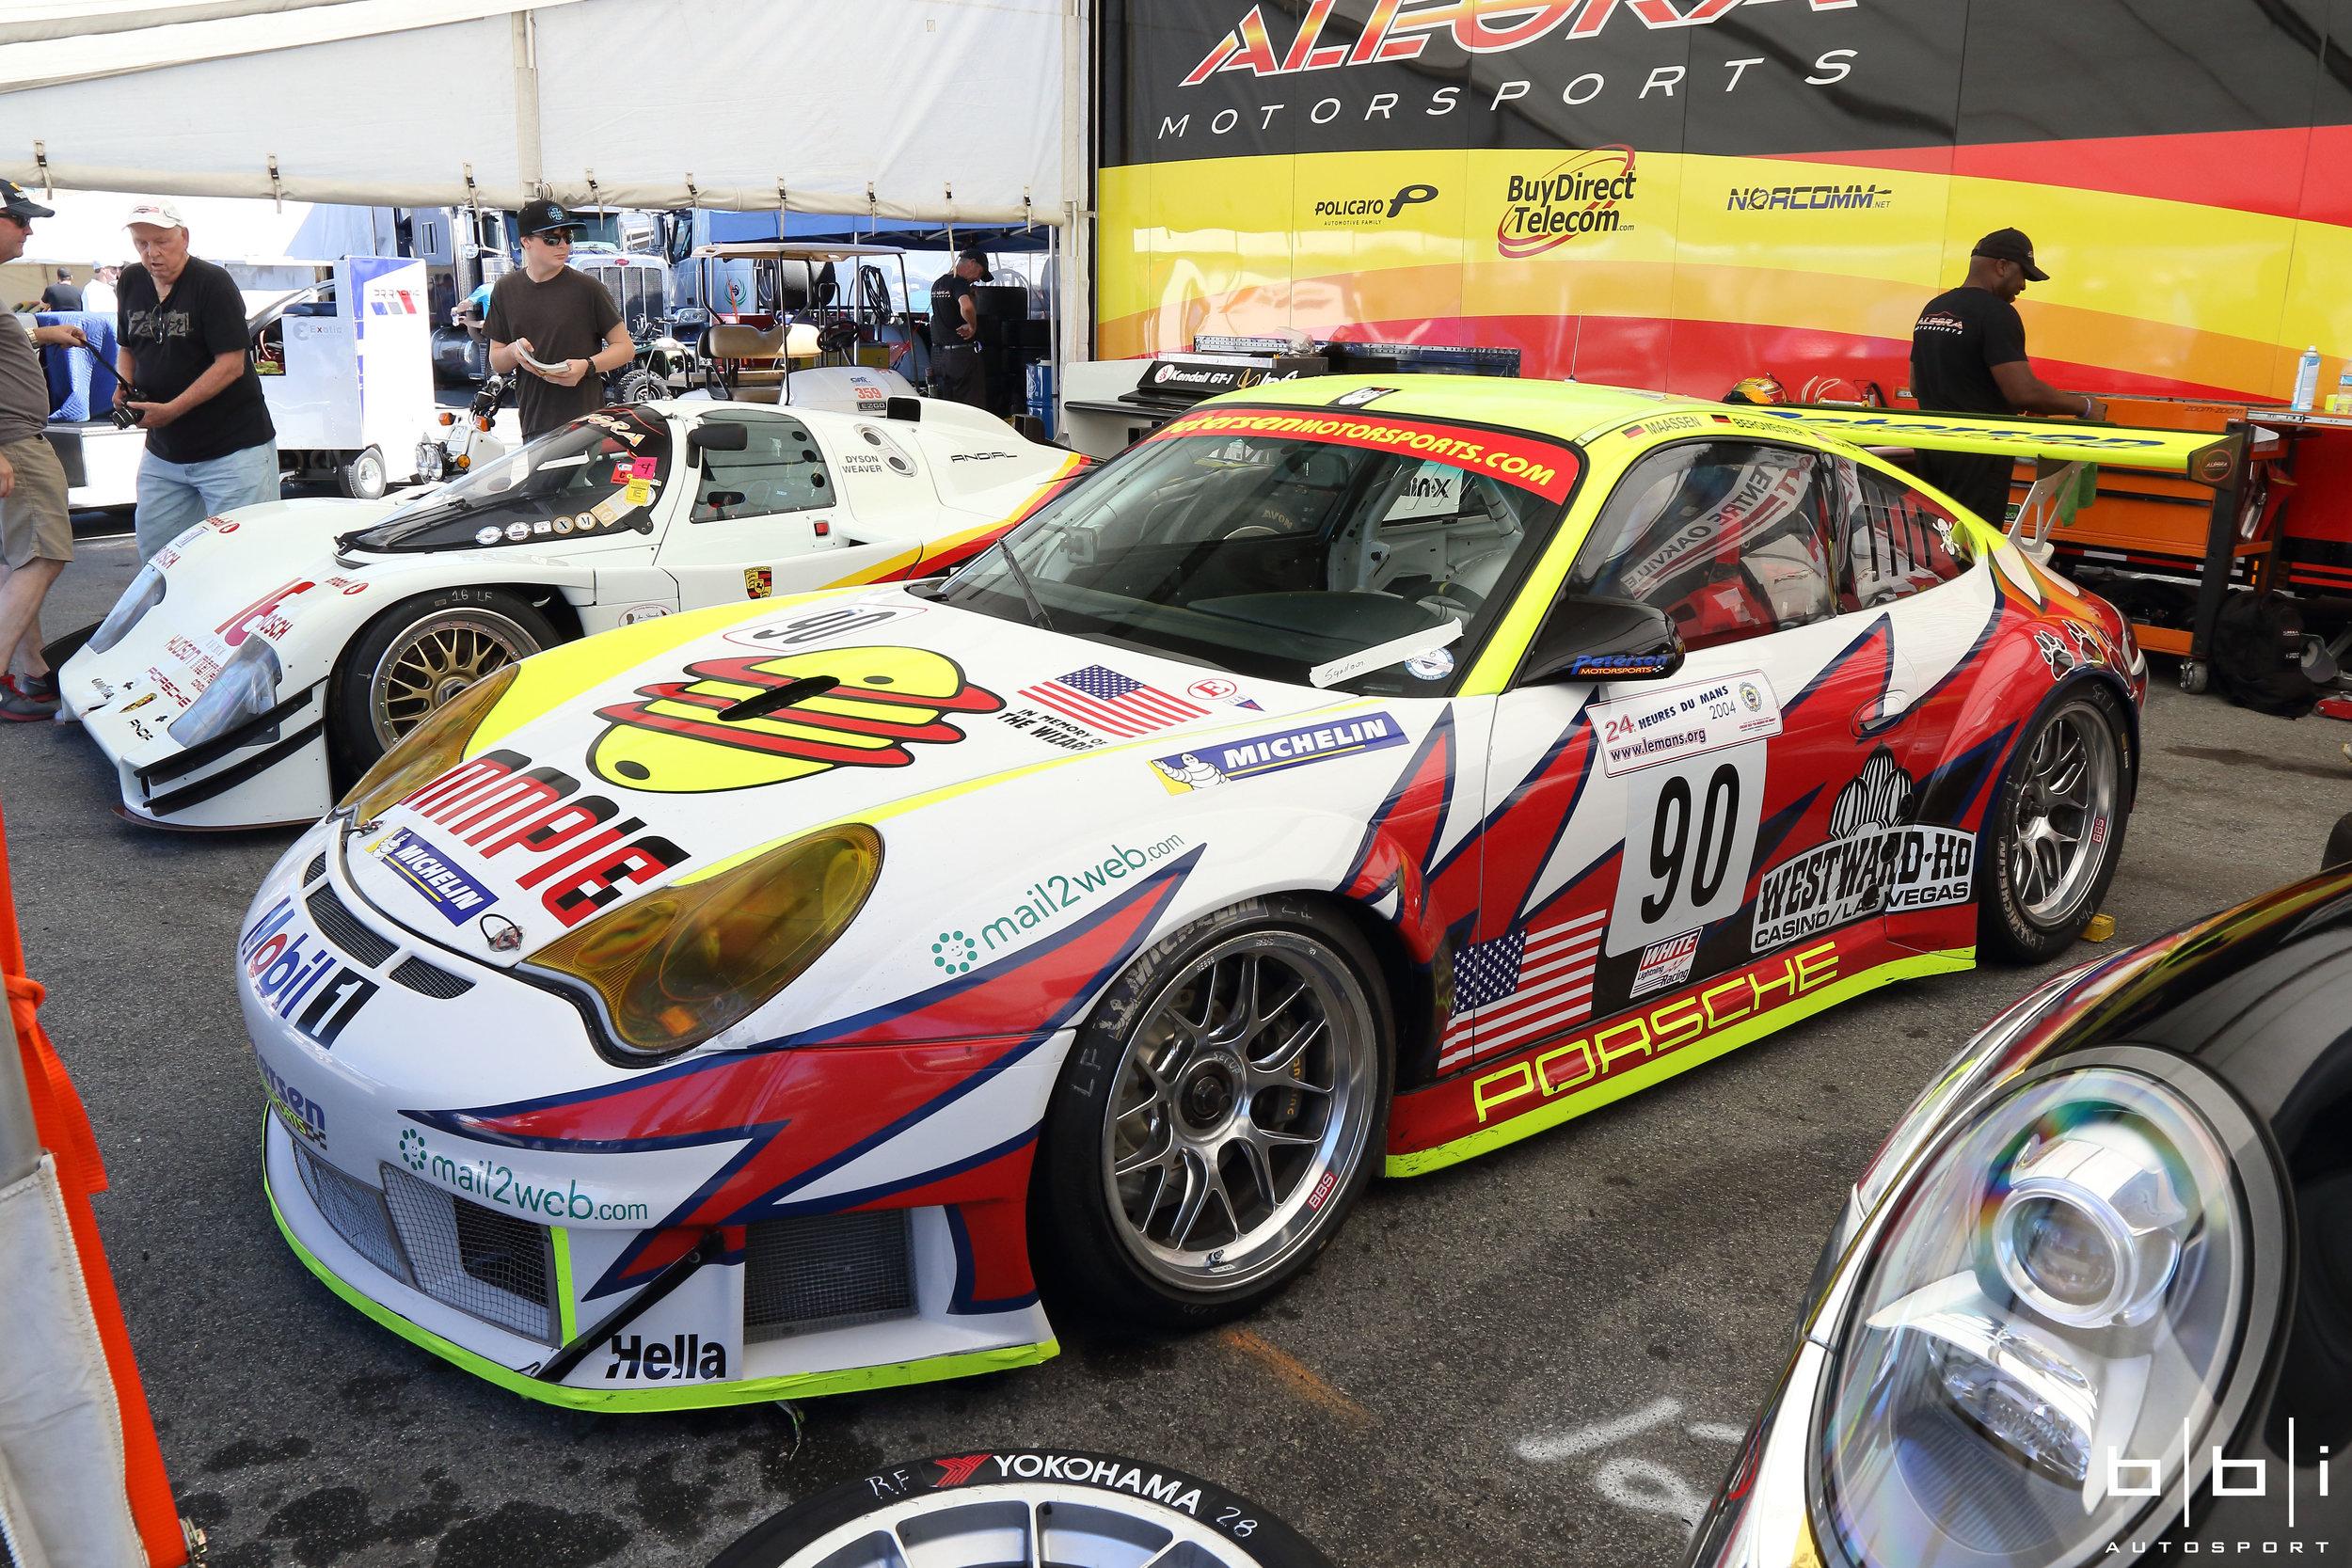 #90 White Lightning Racing 2004 24 Hour Le Mans Class Winner. Jörg Bergmeister / Patrick Long /Sascha Maassen